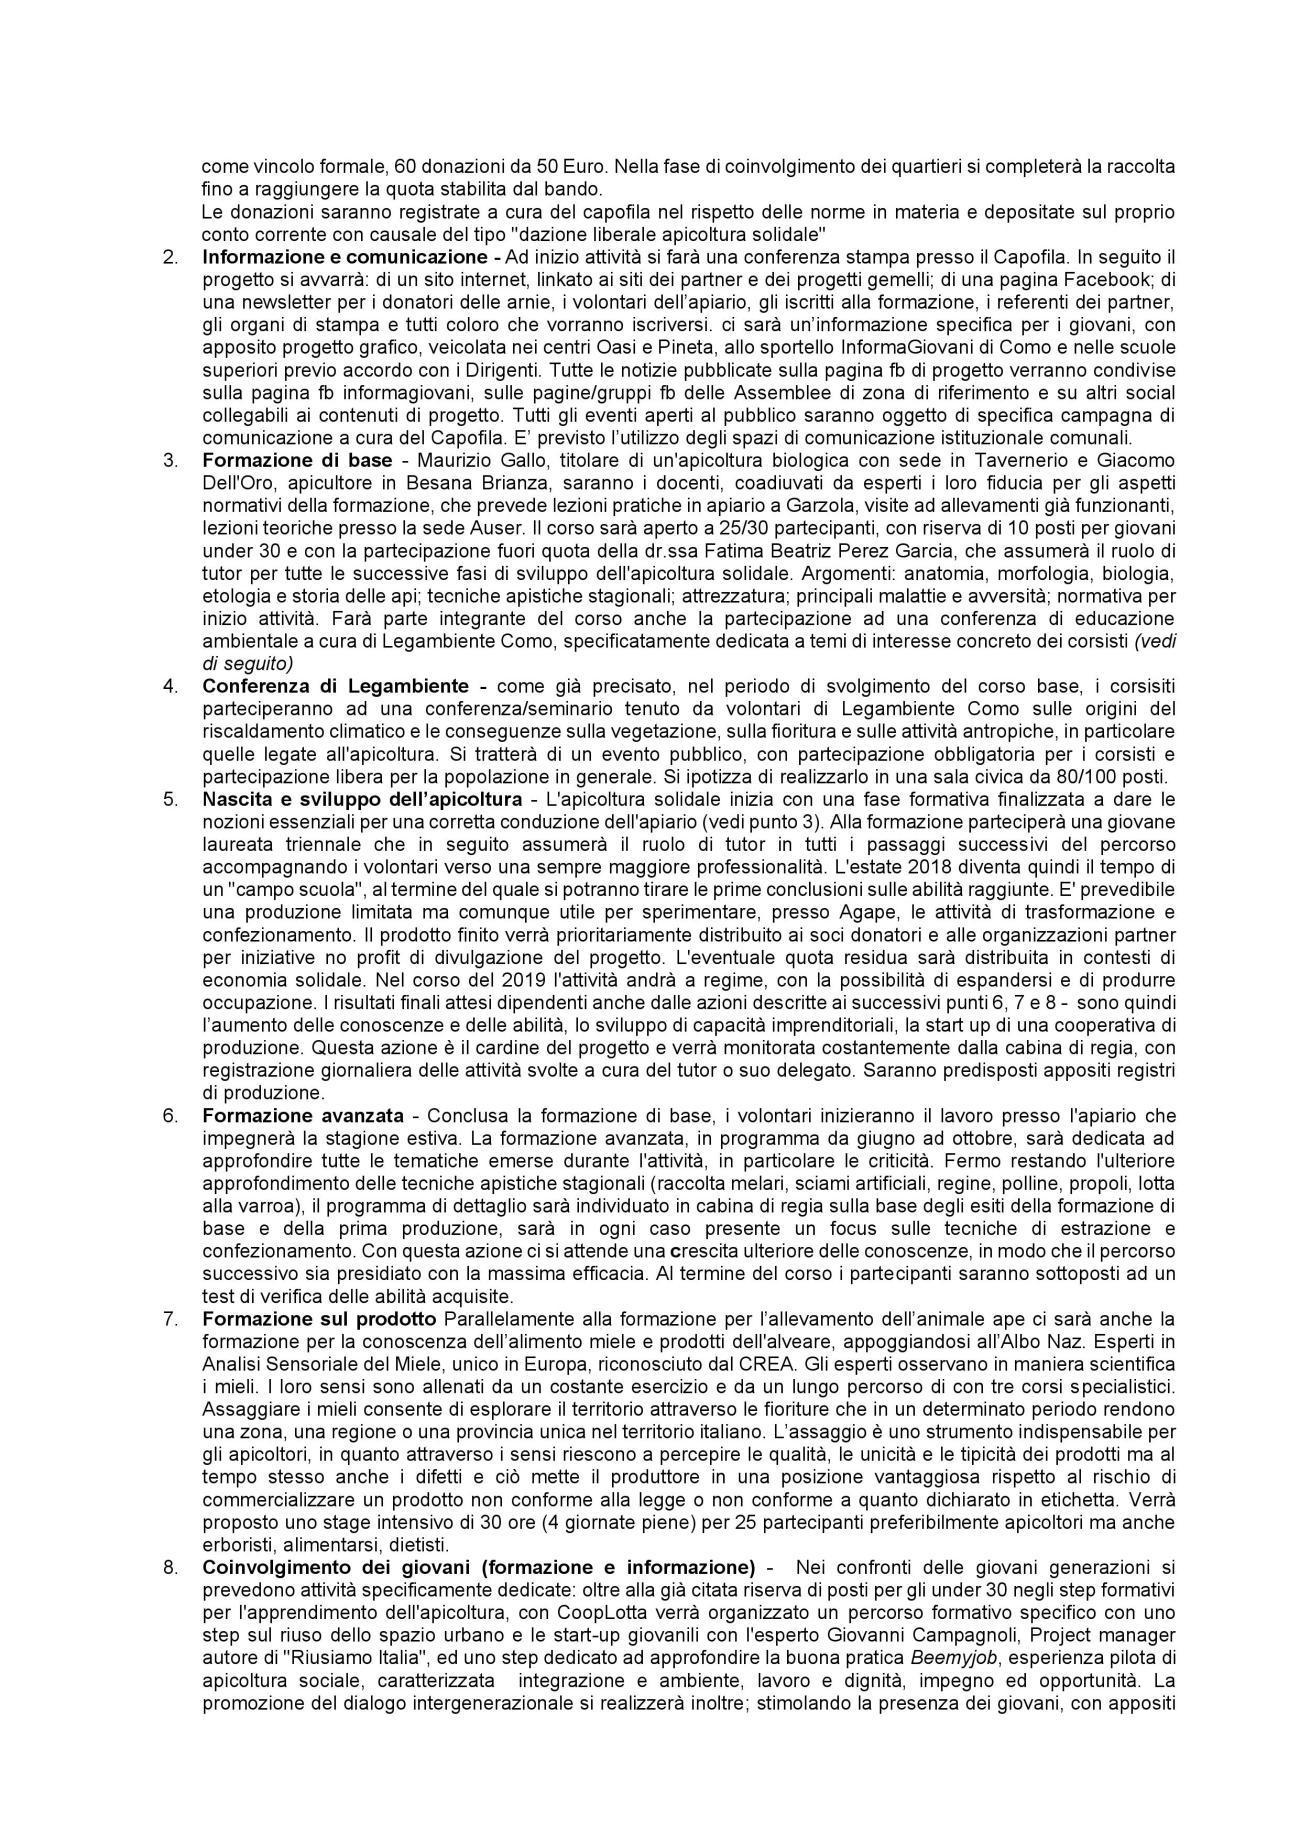 APICOLTURA SOLIDALE-7